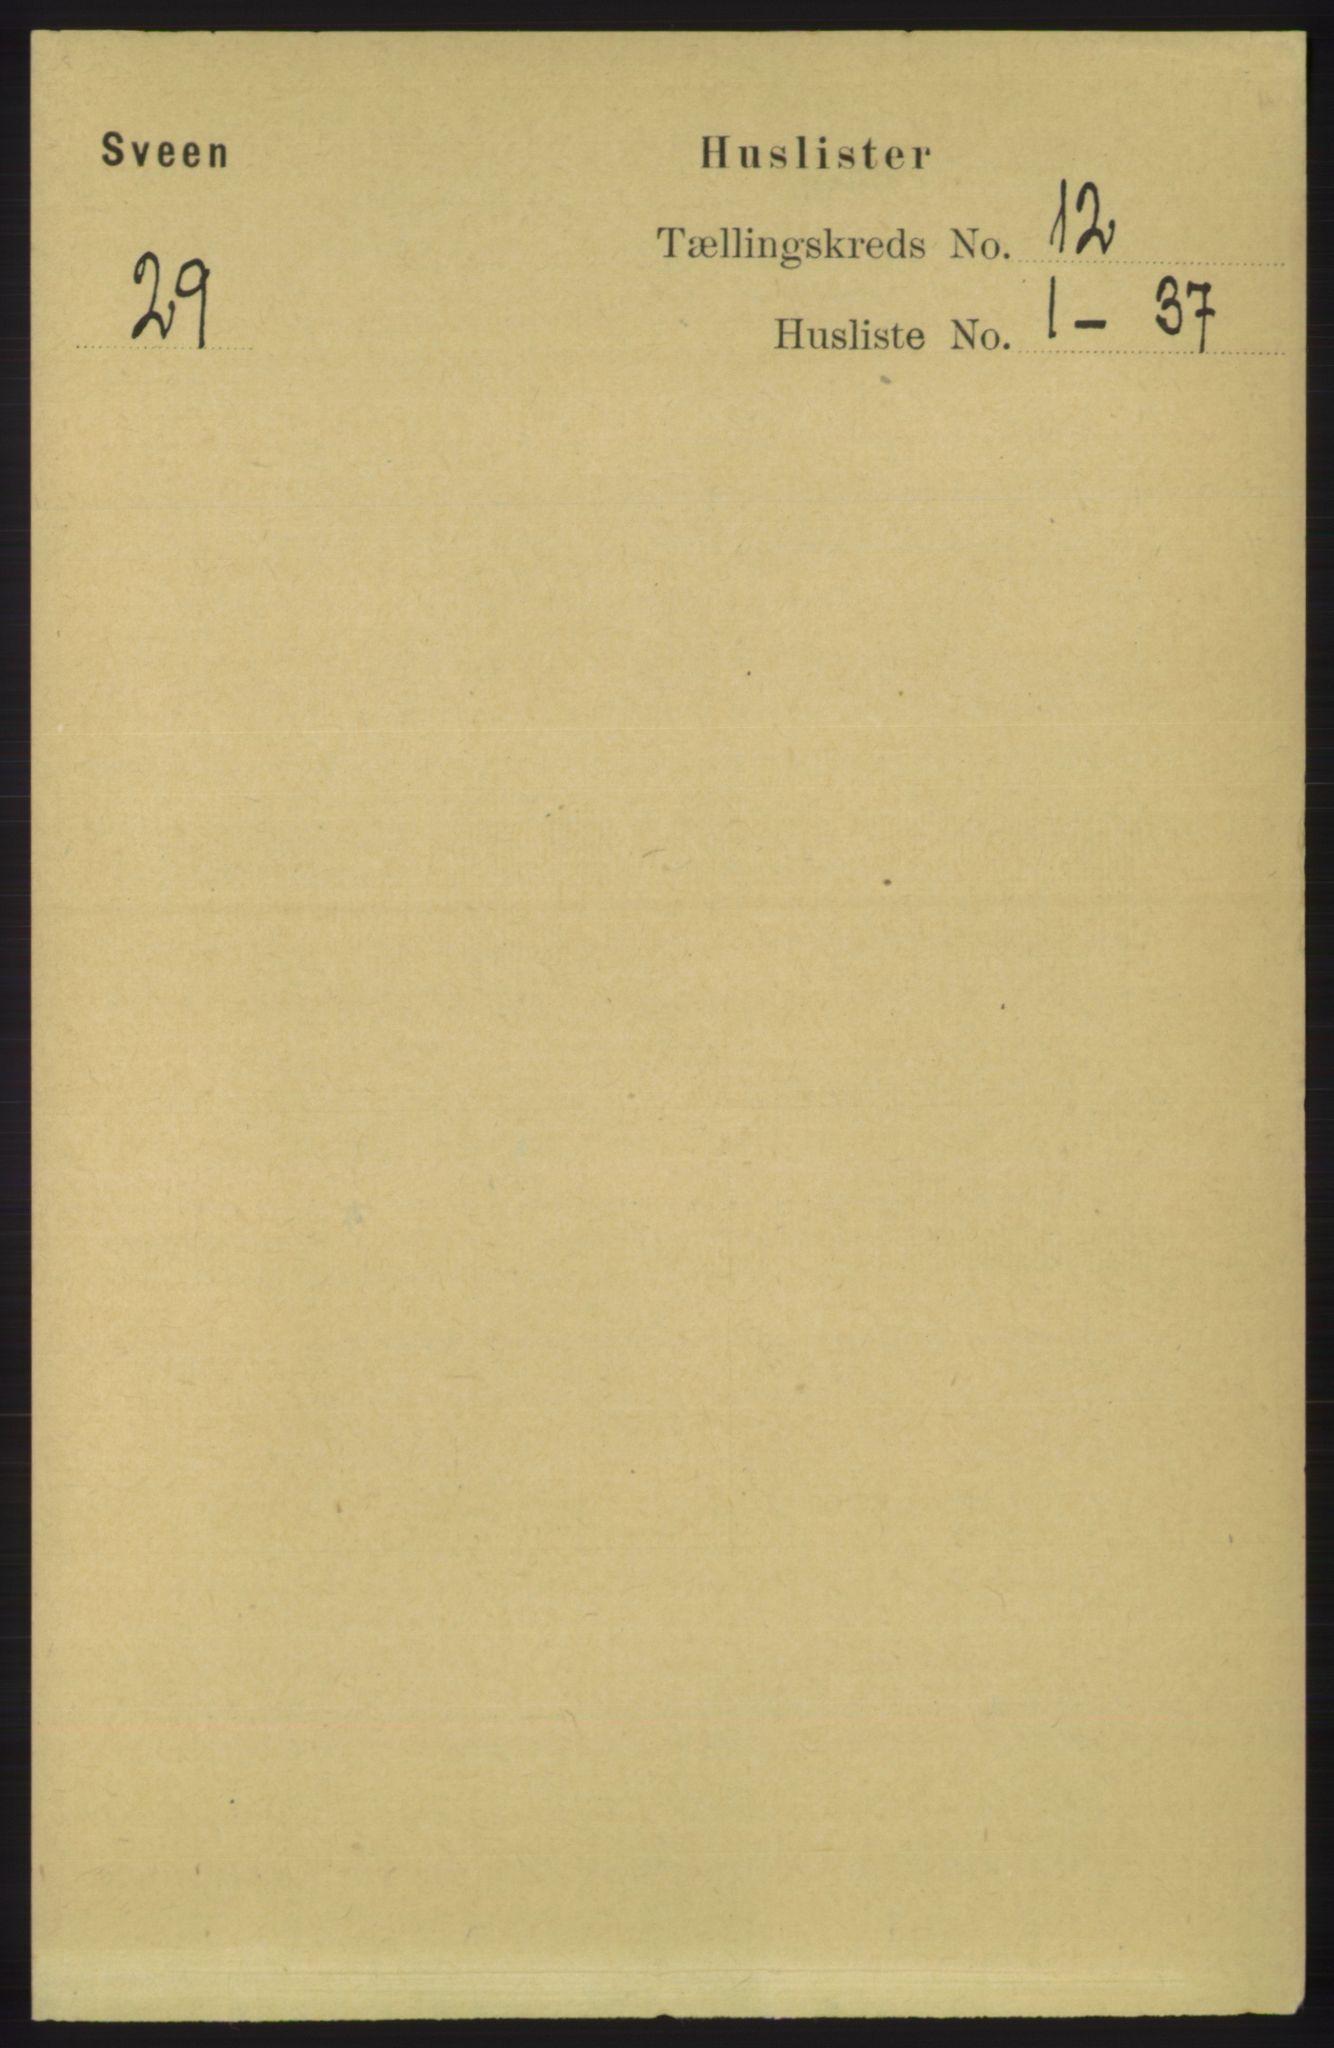 RA, Folketelling 1891 for 1216 Sveio herred, 1891, s. 3391